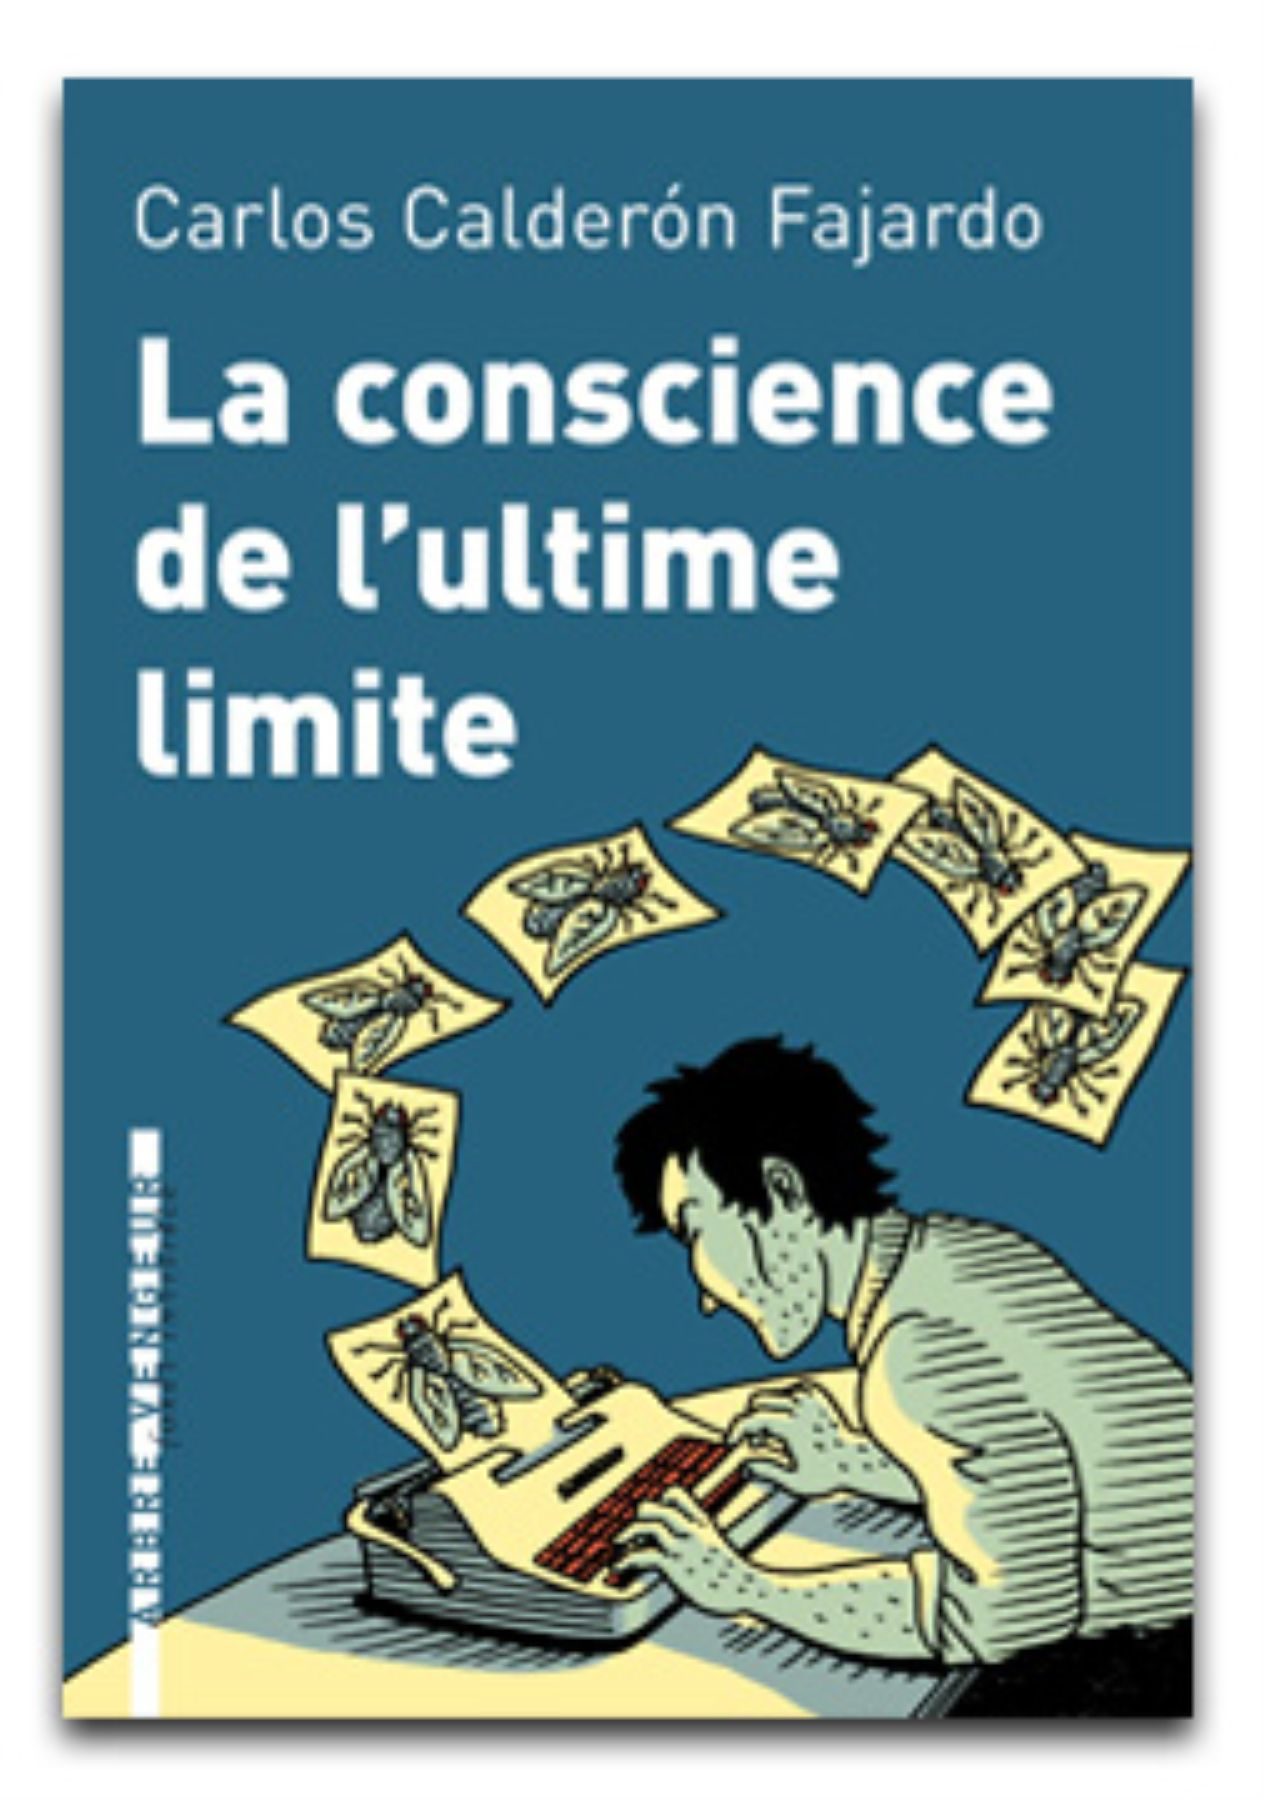 """Traducción al francés de """"La conciencia del límite último"""", novela de Carlos Calderón Fajardo."""